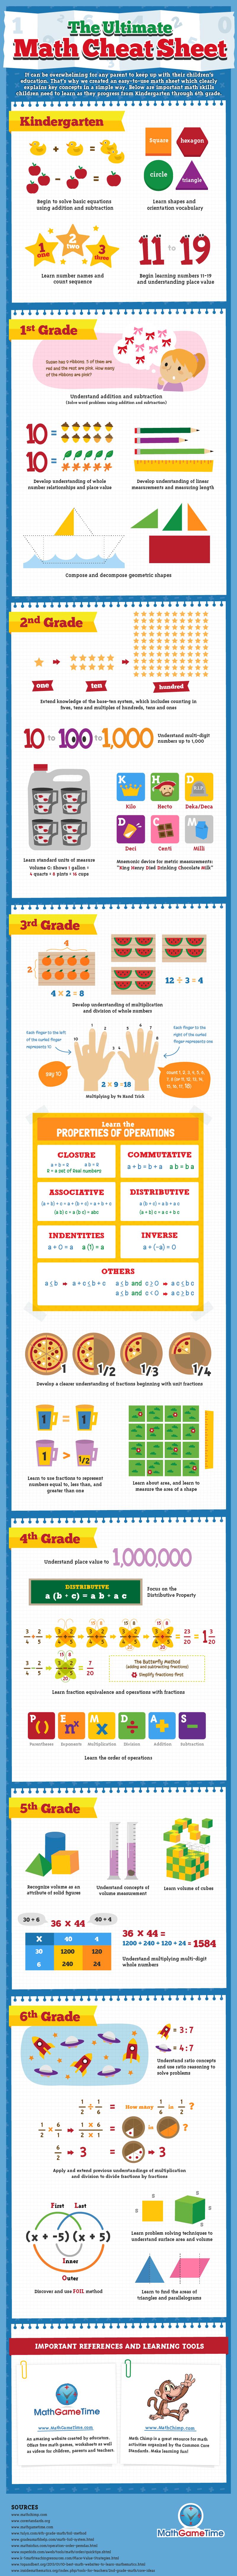 The Ultimate Math Cheat Sheet